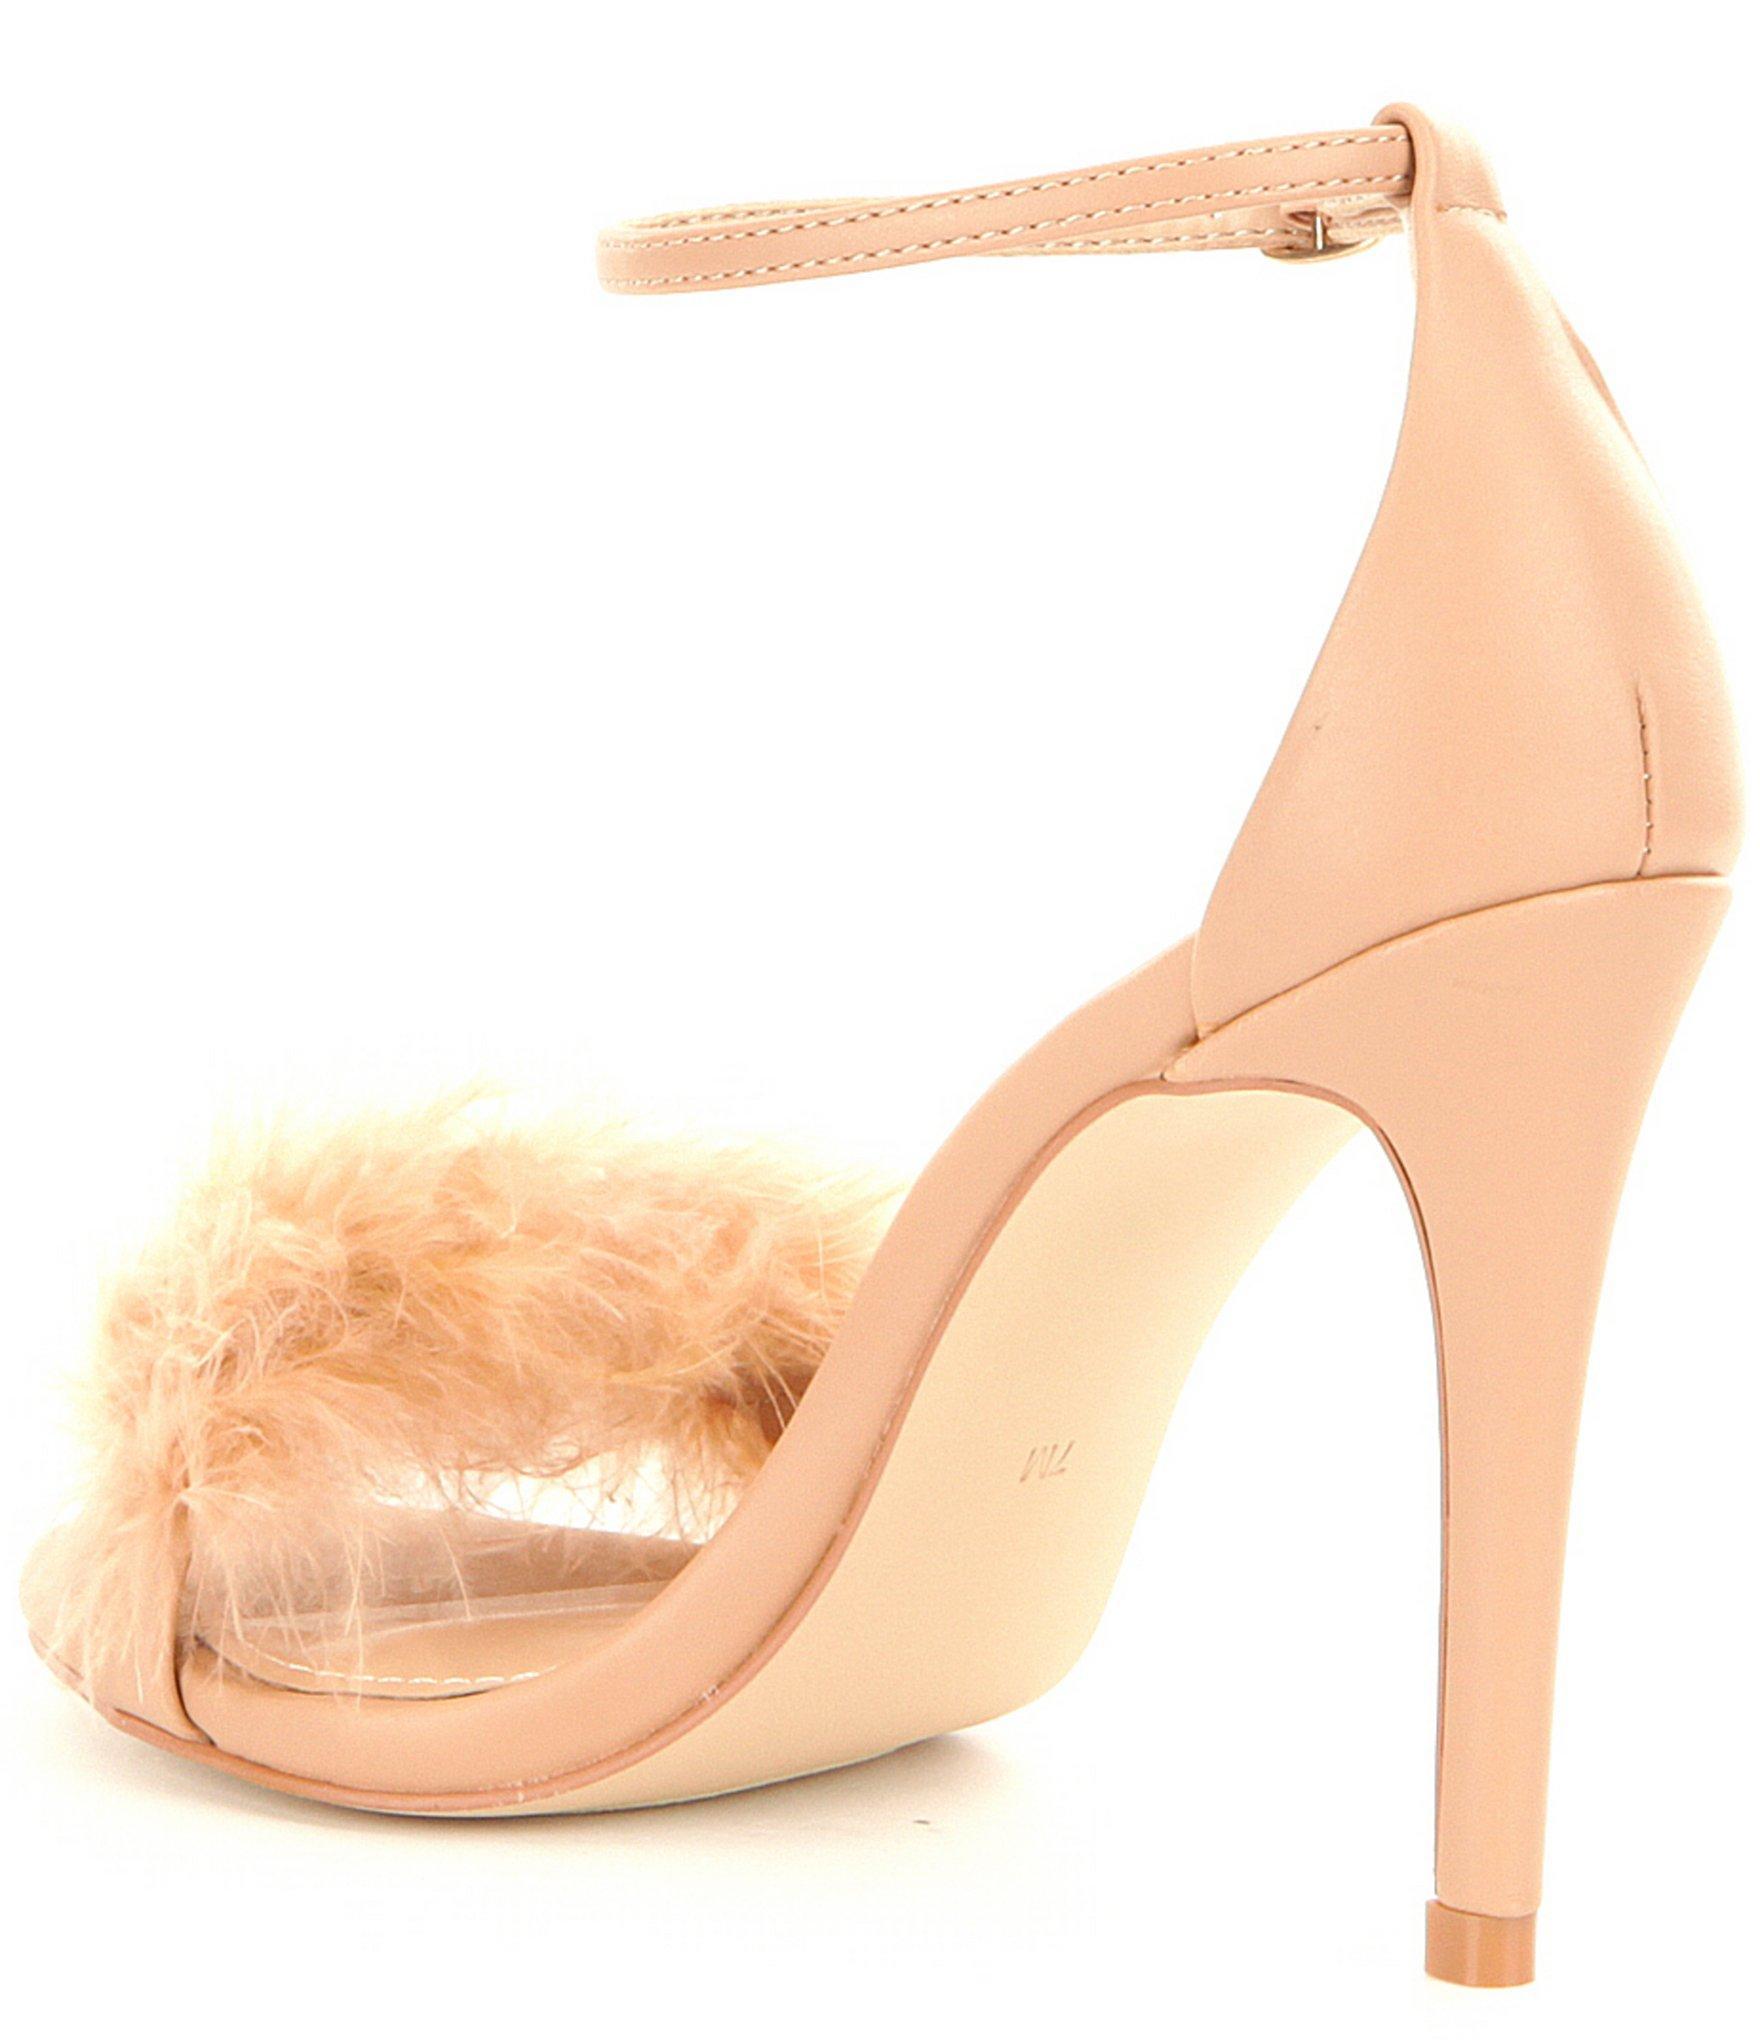 d68793078f5 Lyst steve madden scarlett dress sandals in natural jpg 1760x2040 Steve and  scarlett